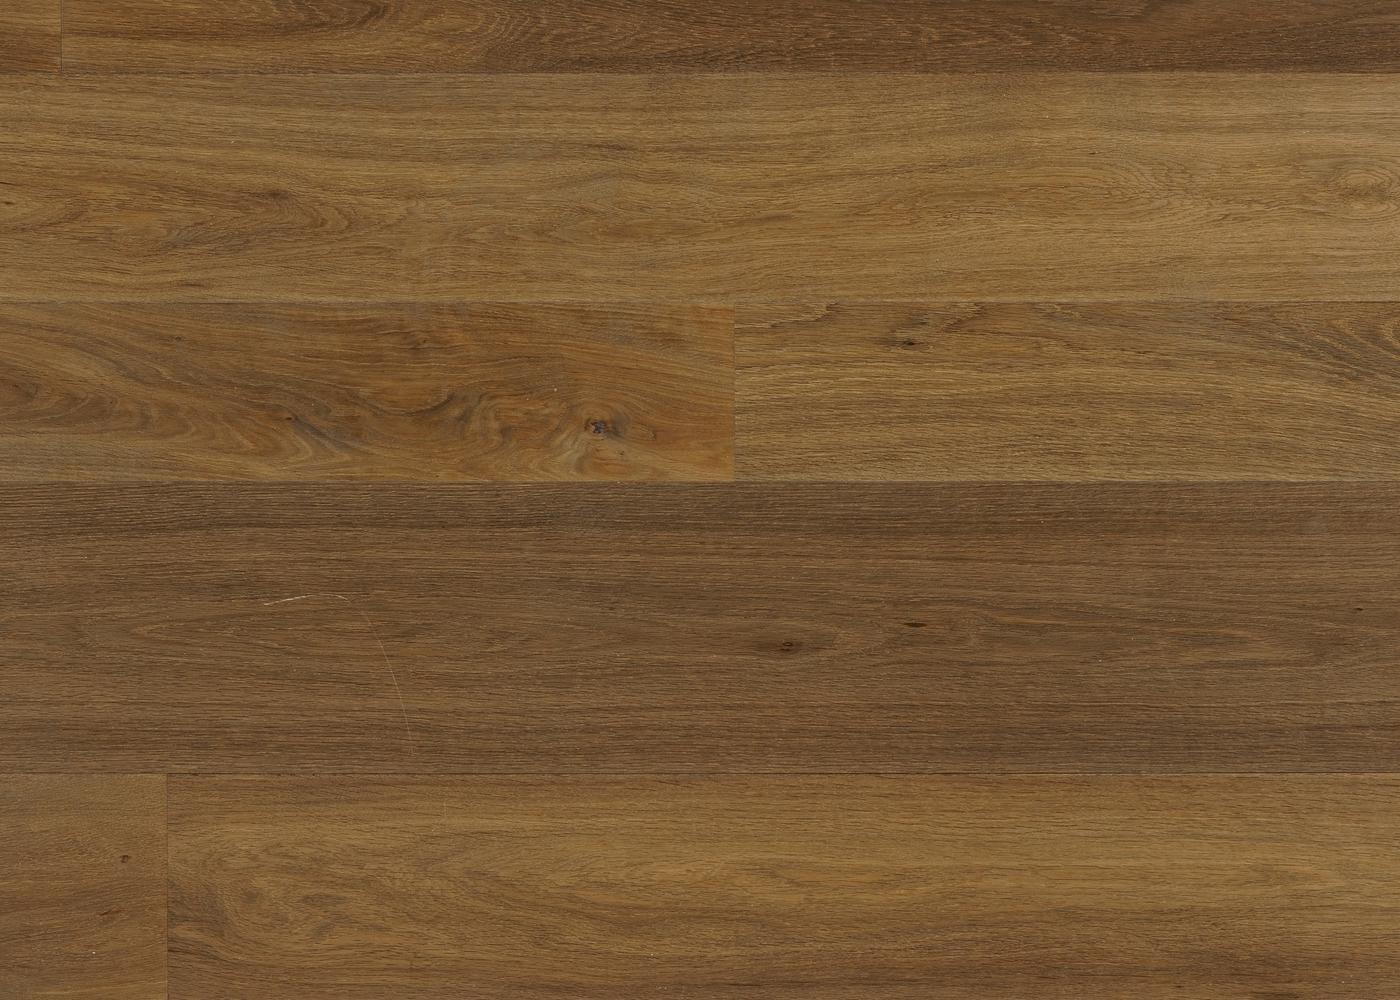 Parquet chêne contrecollé BASALTE huile cire PRBis 14x148x2200